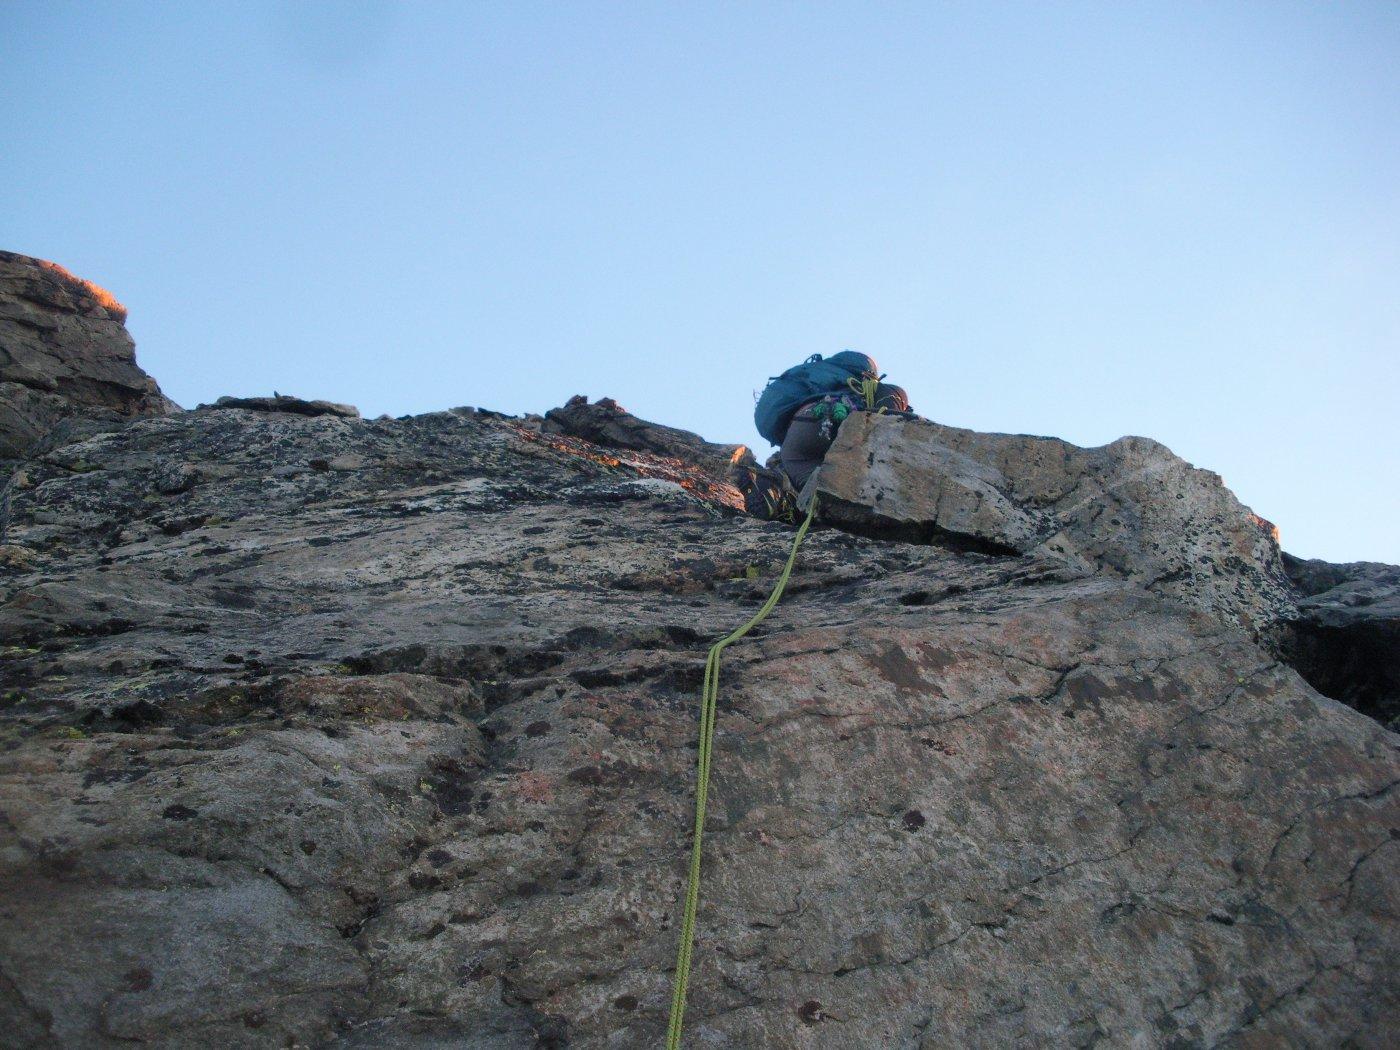 l'inizio e' difficile..roccia viscida e lichenosa..ma si procede cmq..